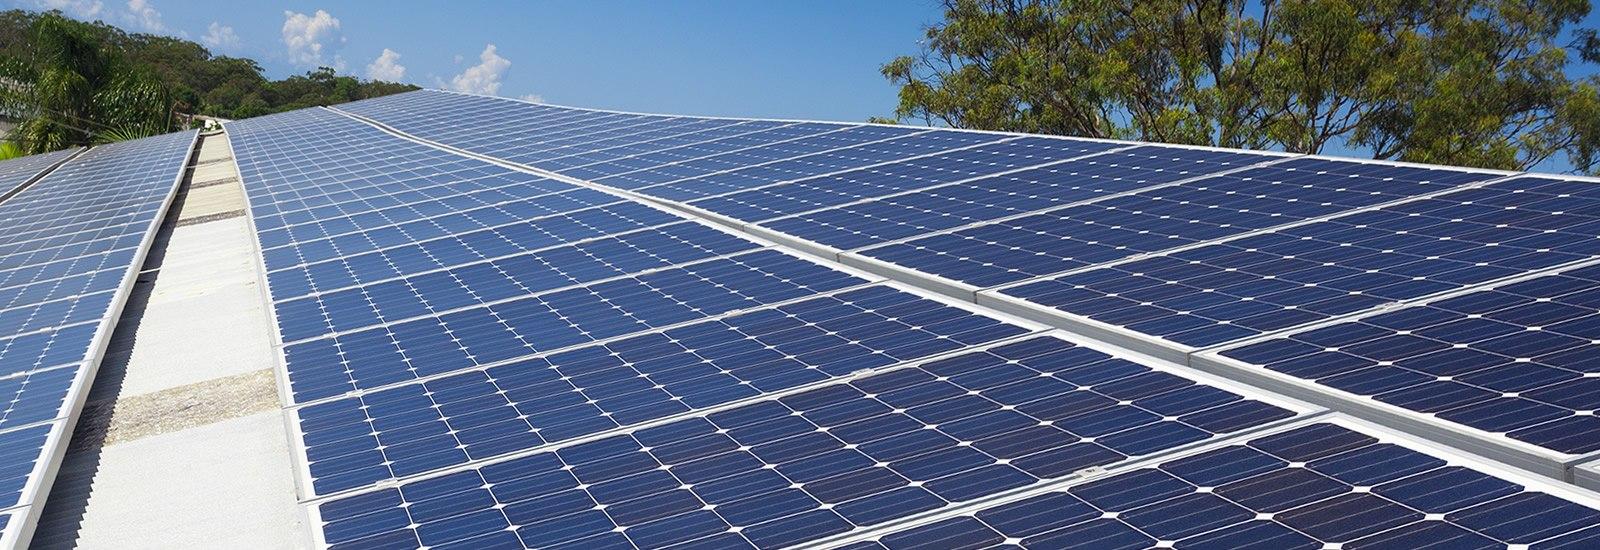 Exploitez le potentiel solaire de votre site d'exploitation